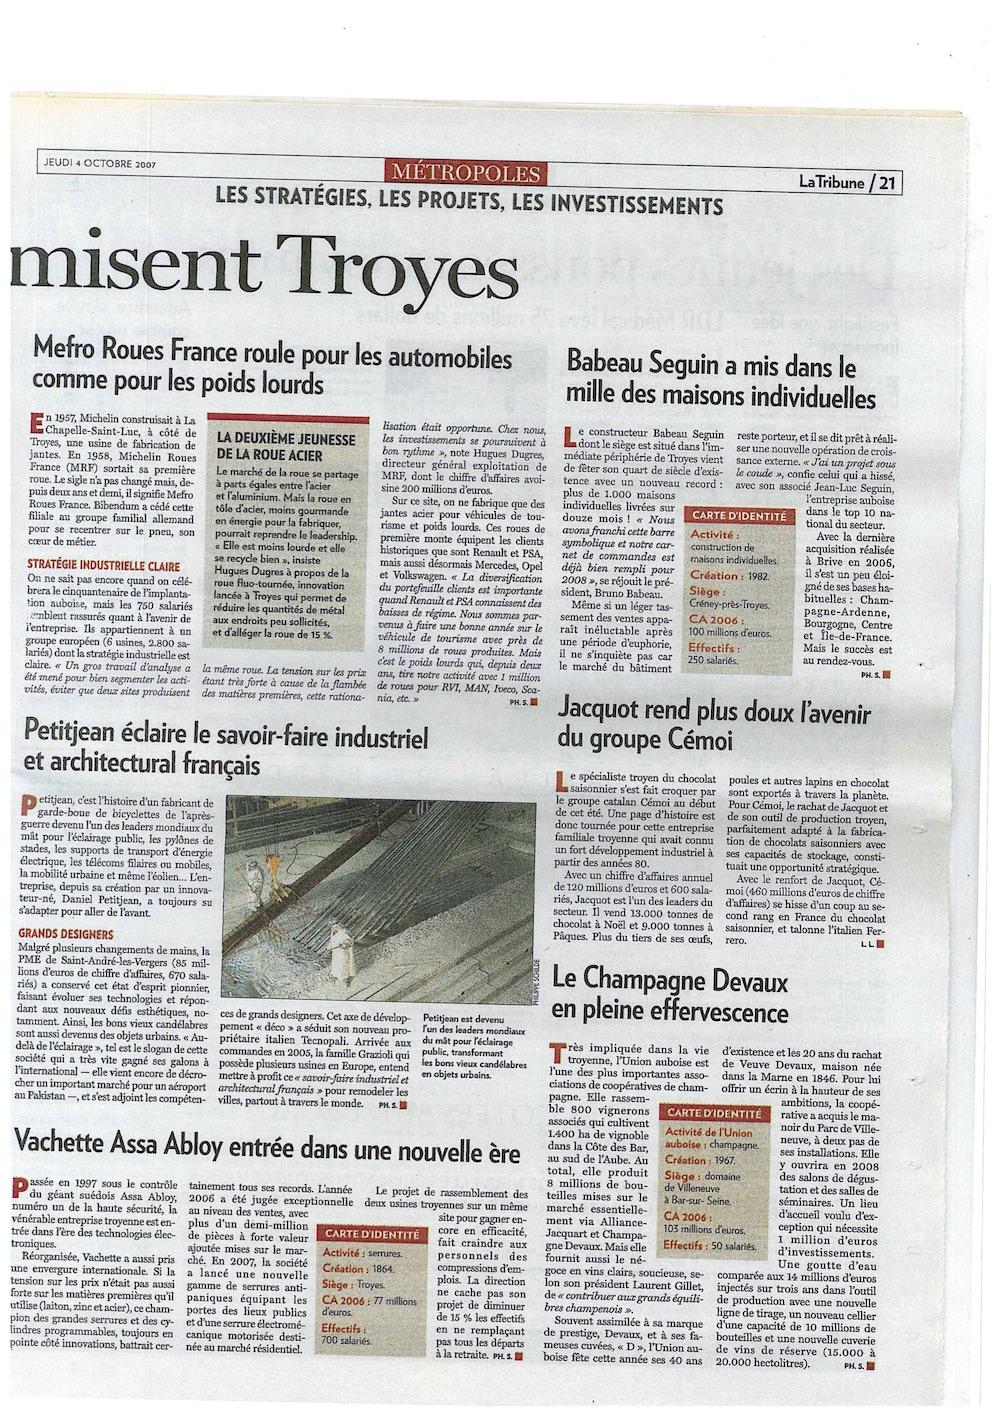 La Tribune 4 octobre 2007 100 maisons article entier